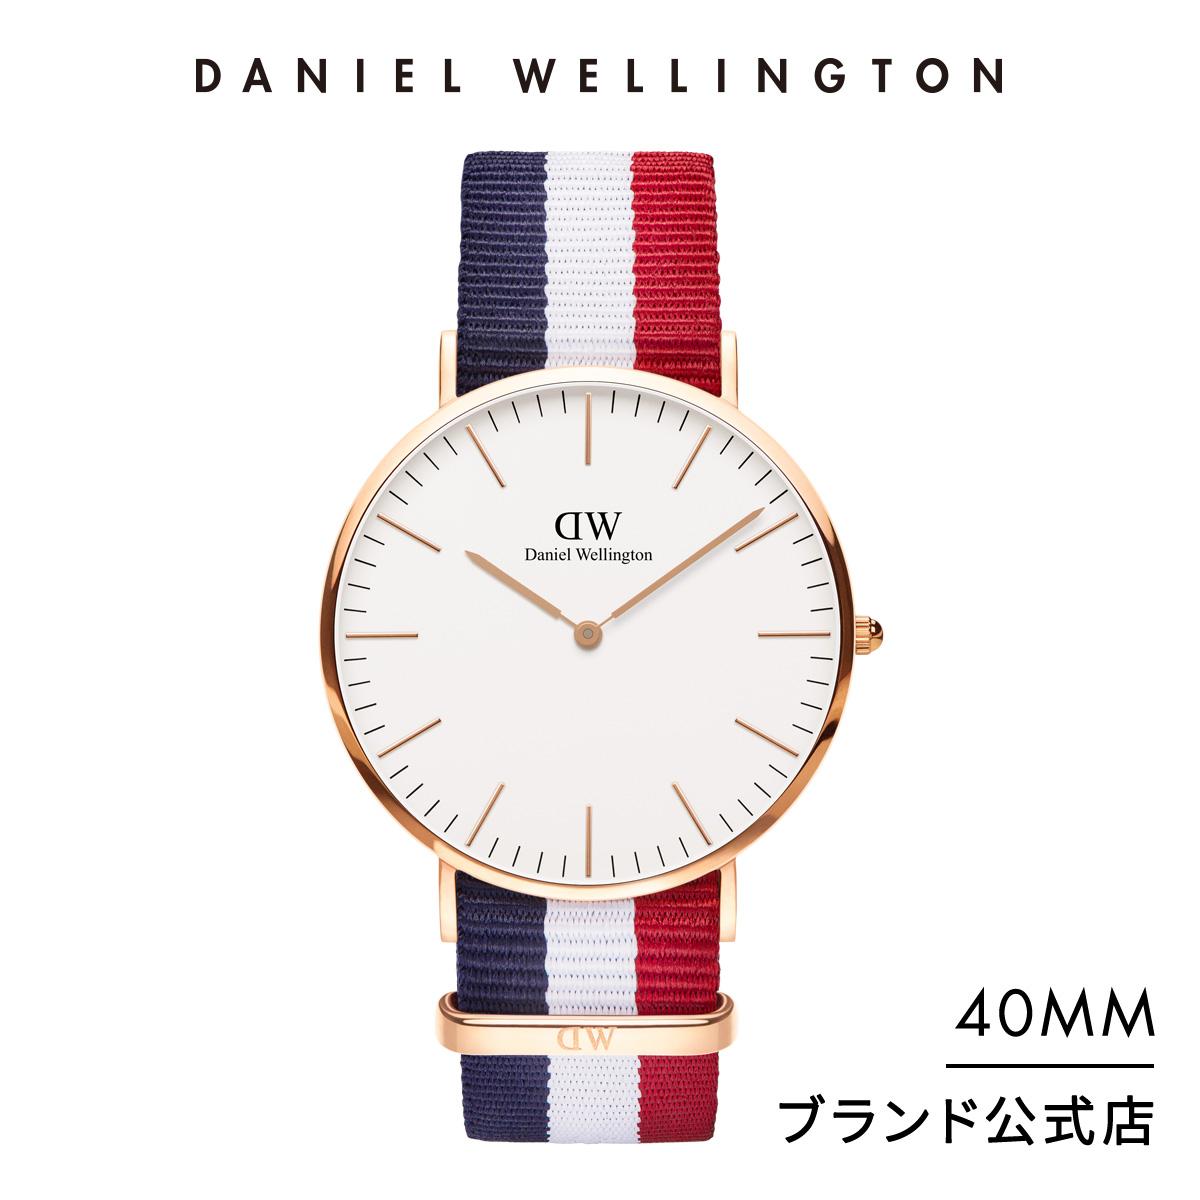 【公式2年保証/送料無料】ダニエルウェリントン公式 メンズ 腕時計 Classic Cambridge 40mm Nato ストラップ クラシック ケンブリッジ DW プレゼント おしゃれ インスタ映え ブランド 彼女 彼氏 ペアスタイルに最適 ウォッチ クリスマス